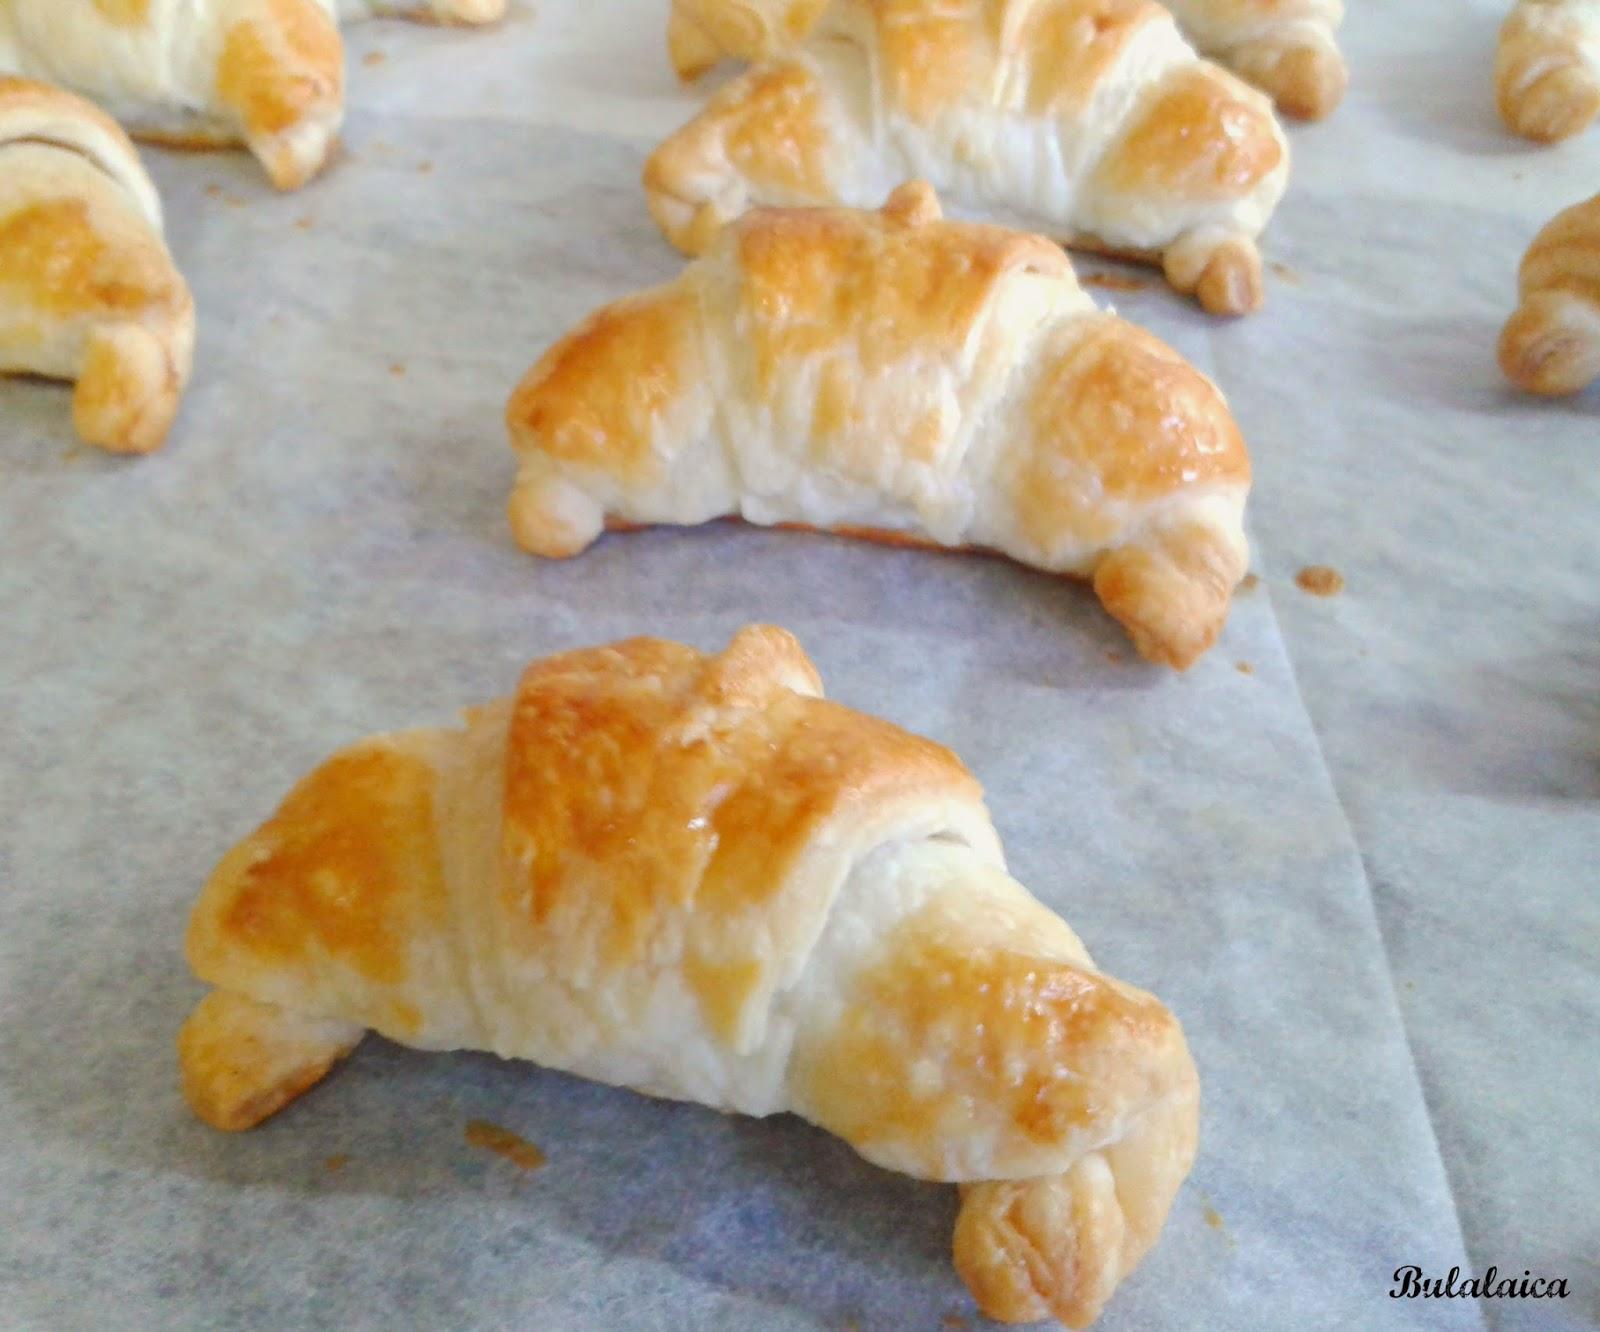 Mini croissants rellenos de NUTELLA